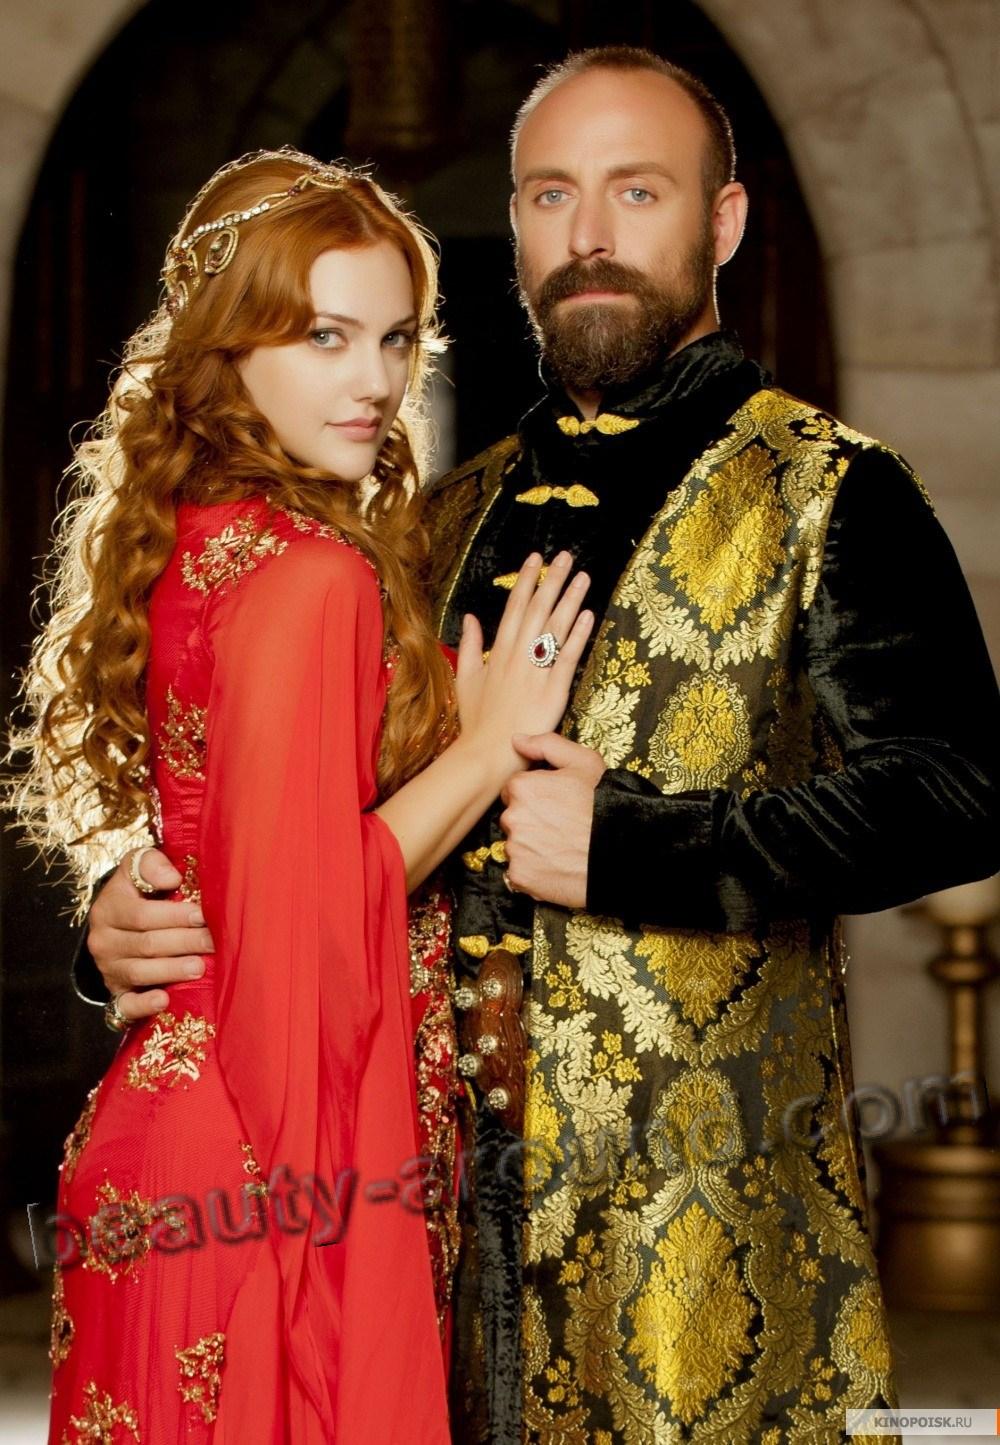 Самая лучшая и красивая пара Мерьем Узерли и Халит Эргенч  фото